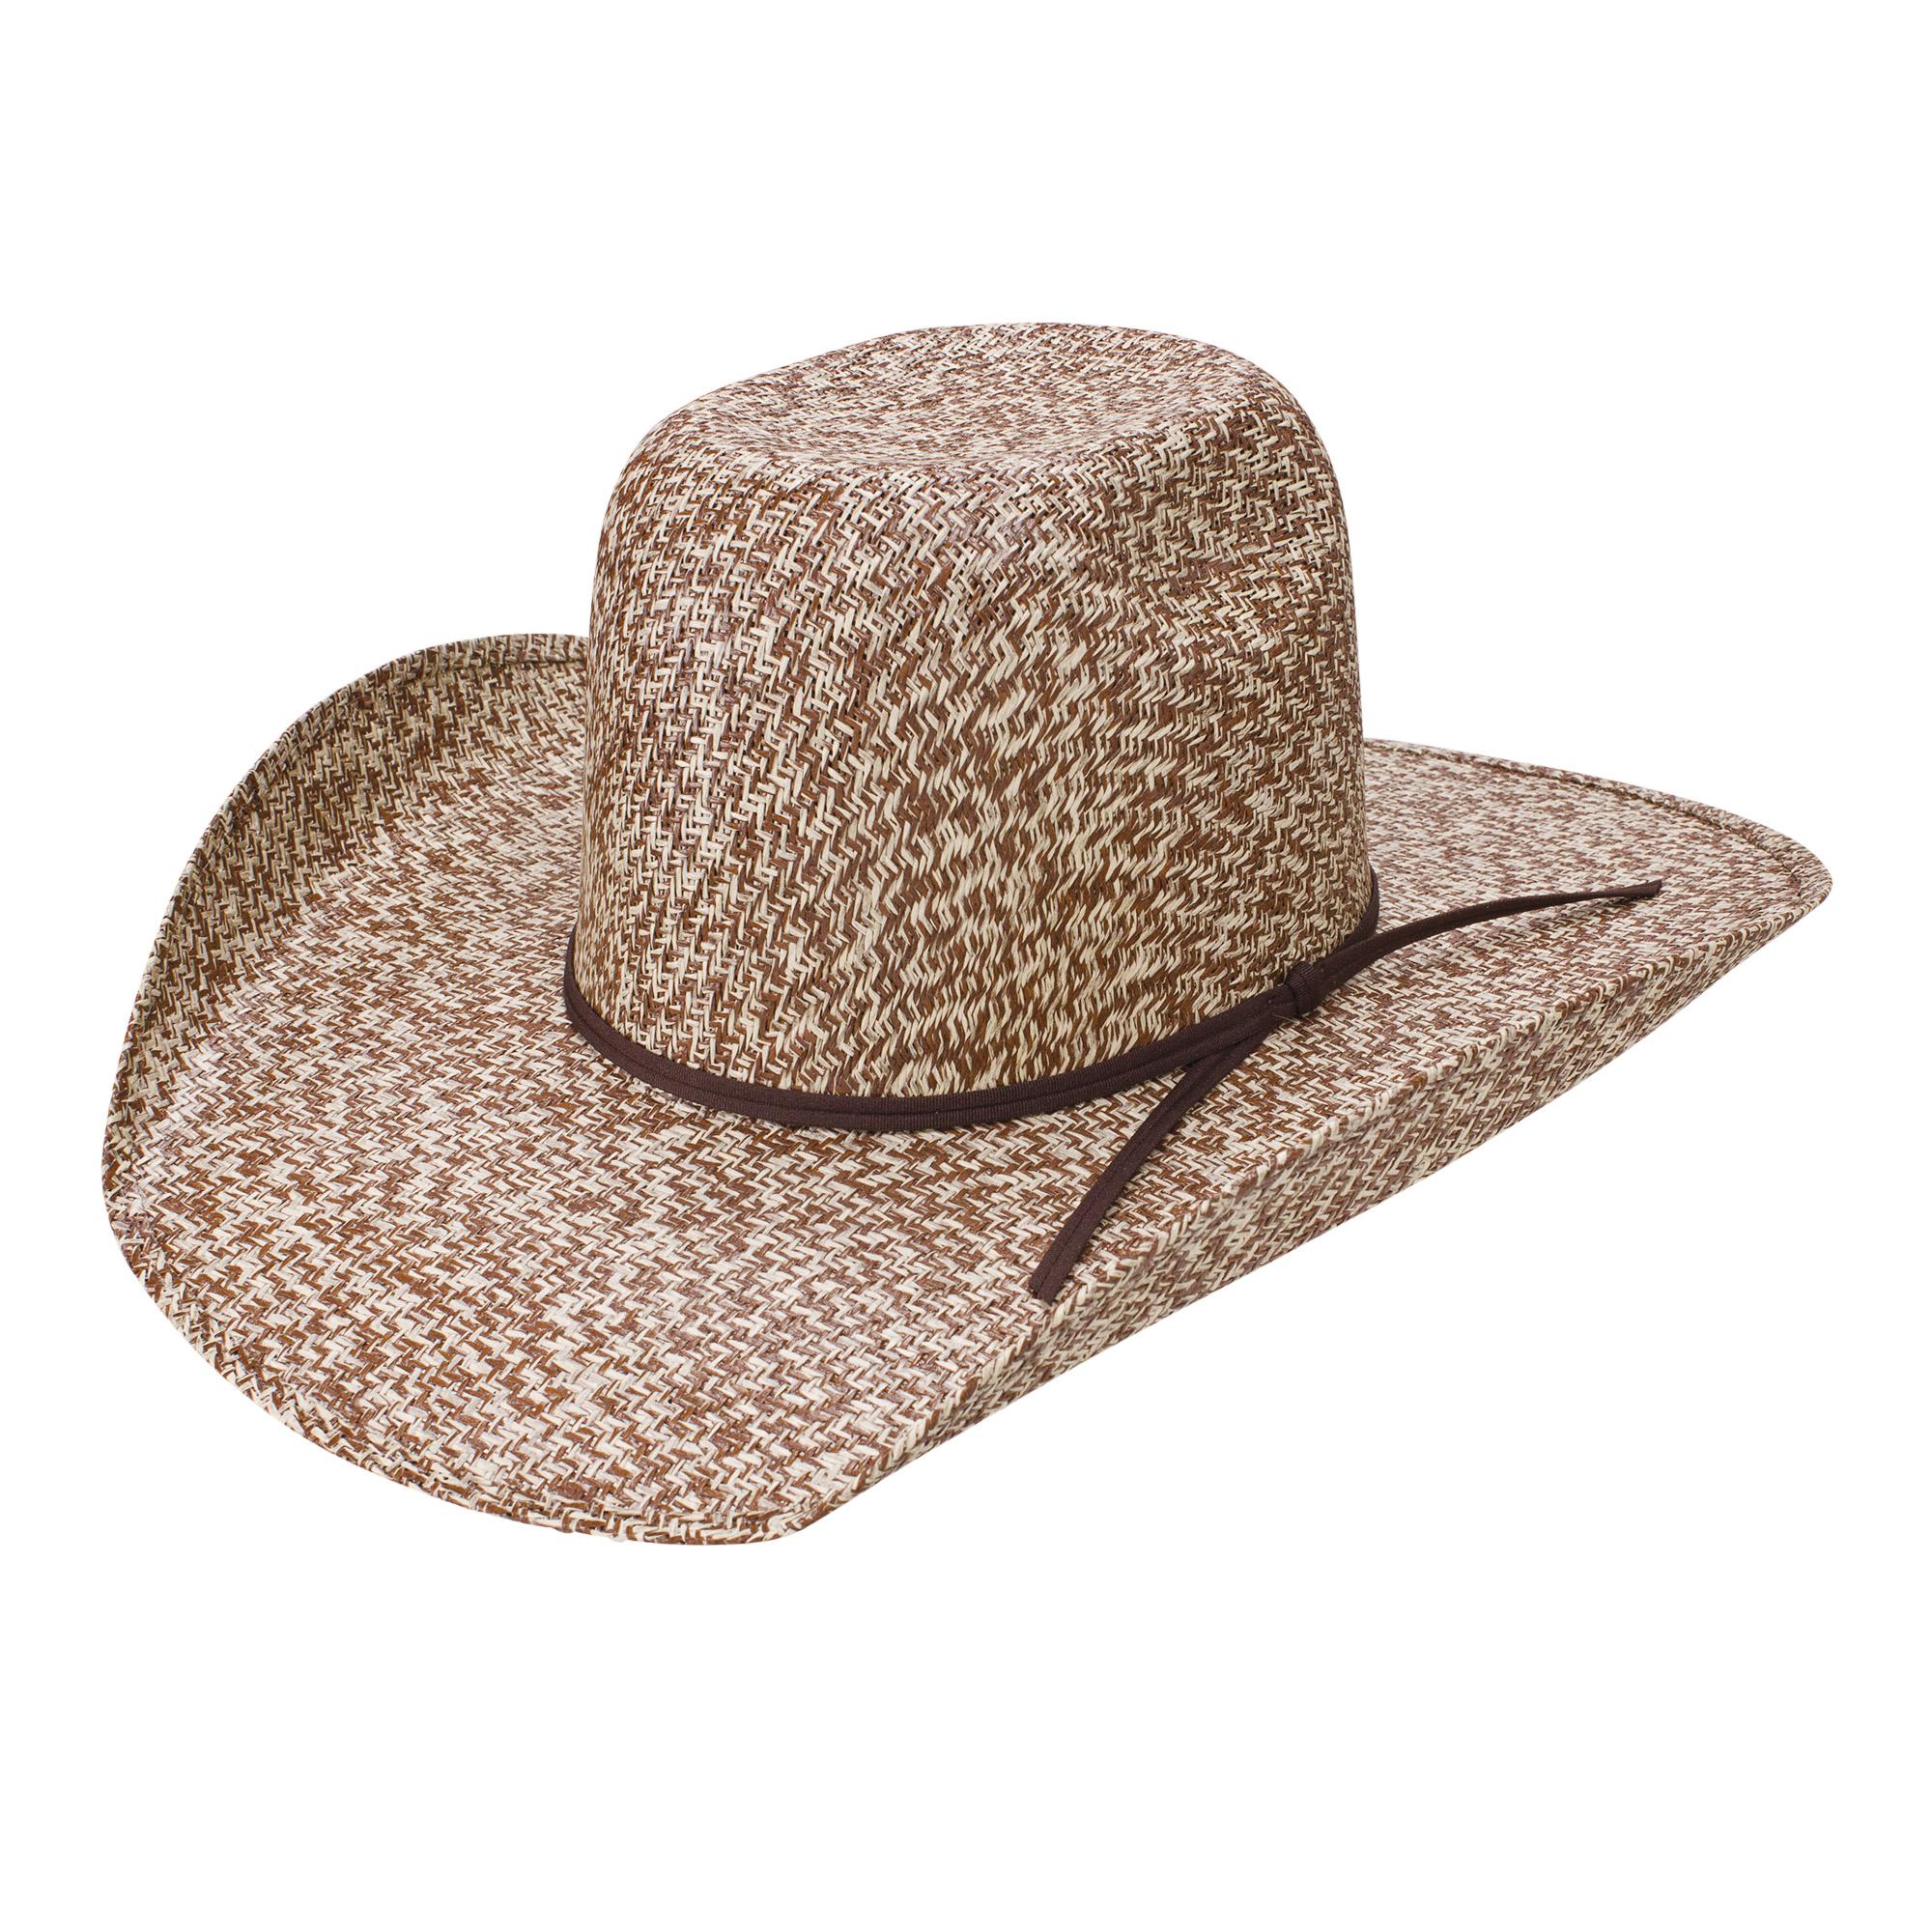 3c0fcb84ed0c7f Kids' Hats | Murdoch's